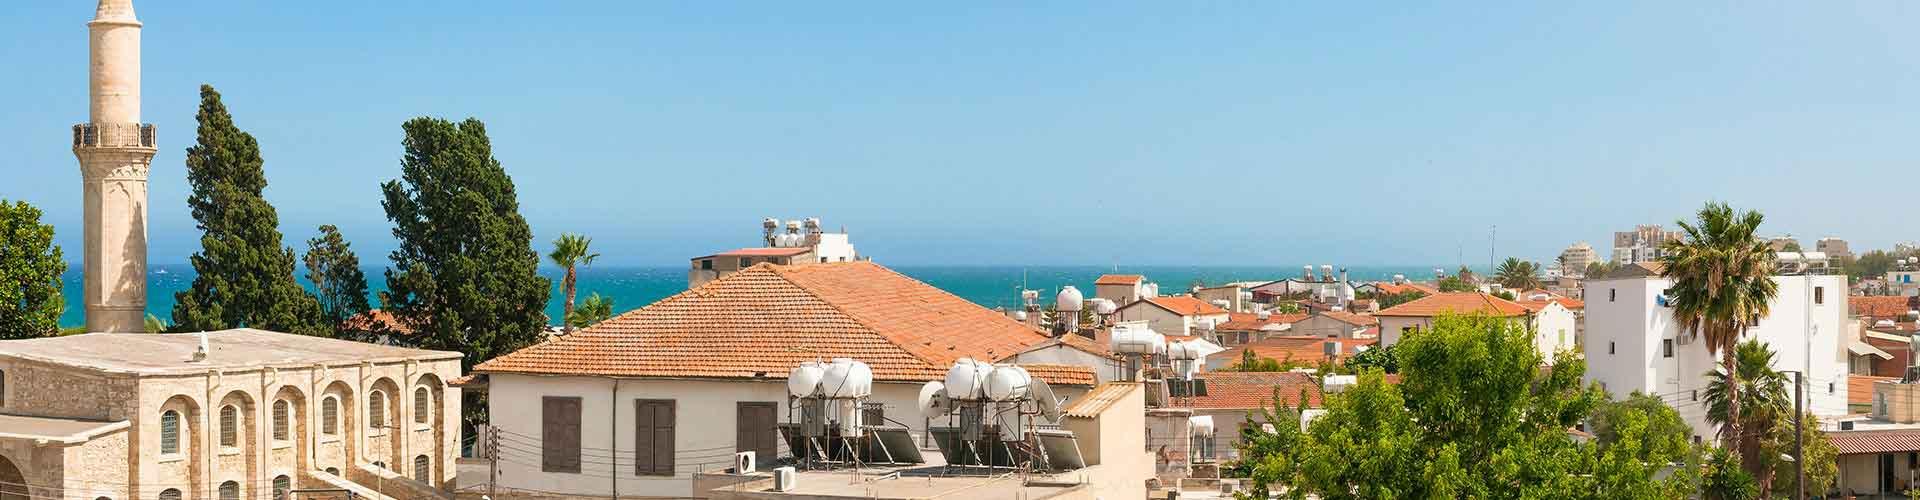 Larnaca - Hostelů v Larnaca. Mapy pro Larnaca, fotky a recenze pro každý hostel v Larnaca.